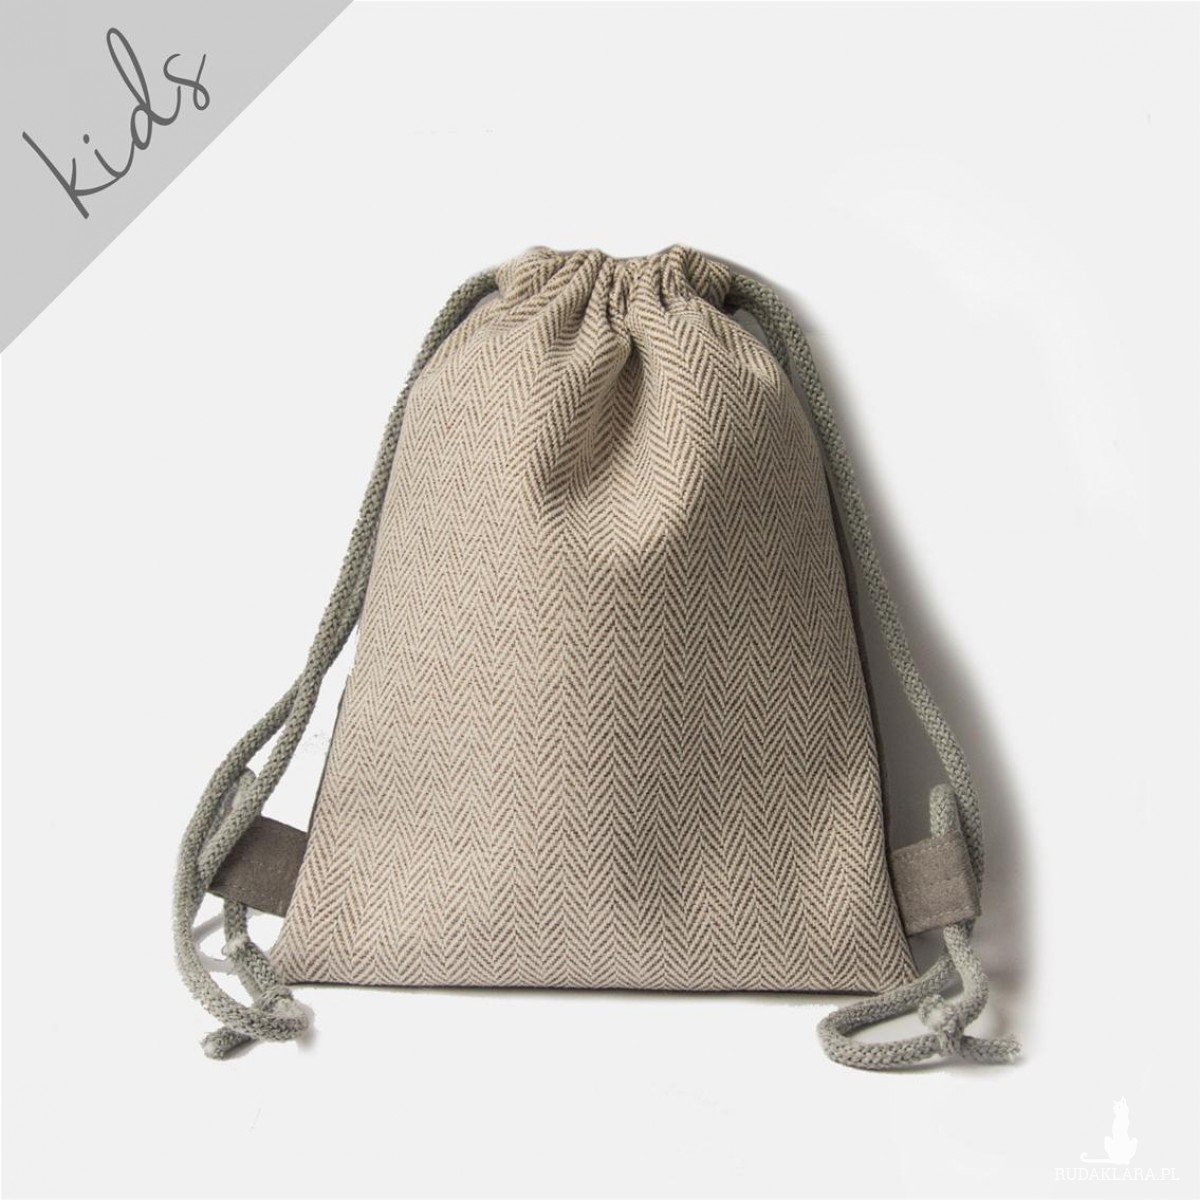 Mini plecaczek dziecięcy w jodełkę